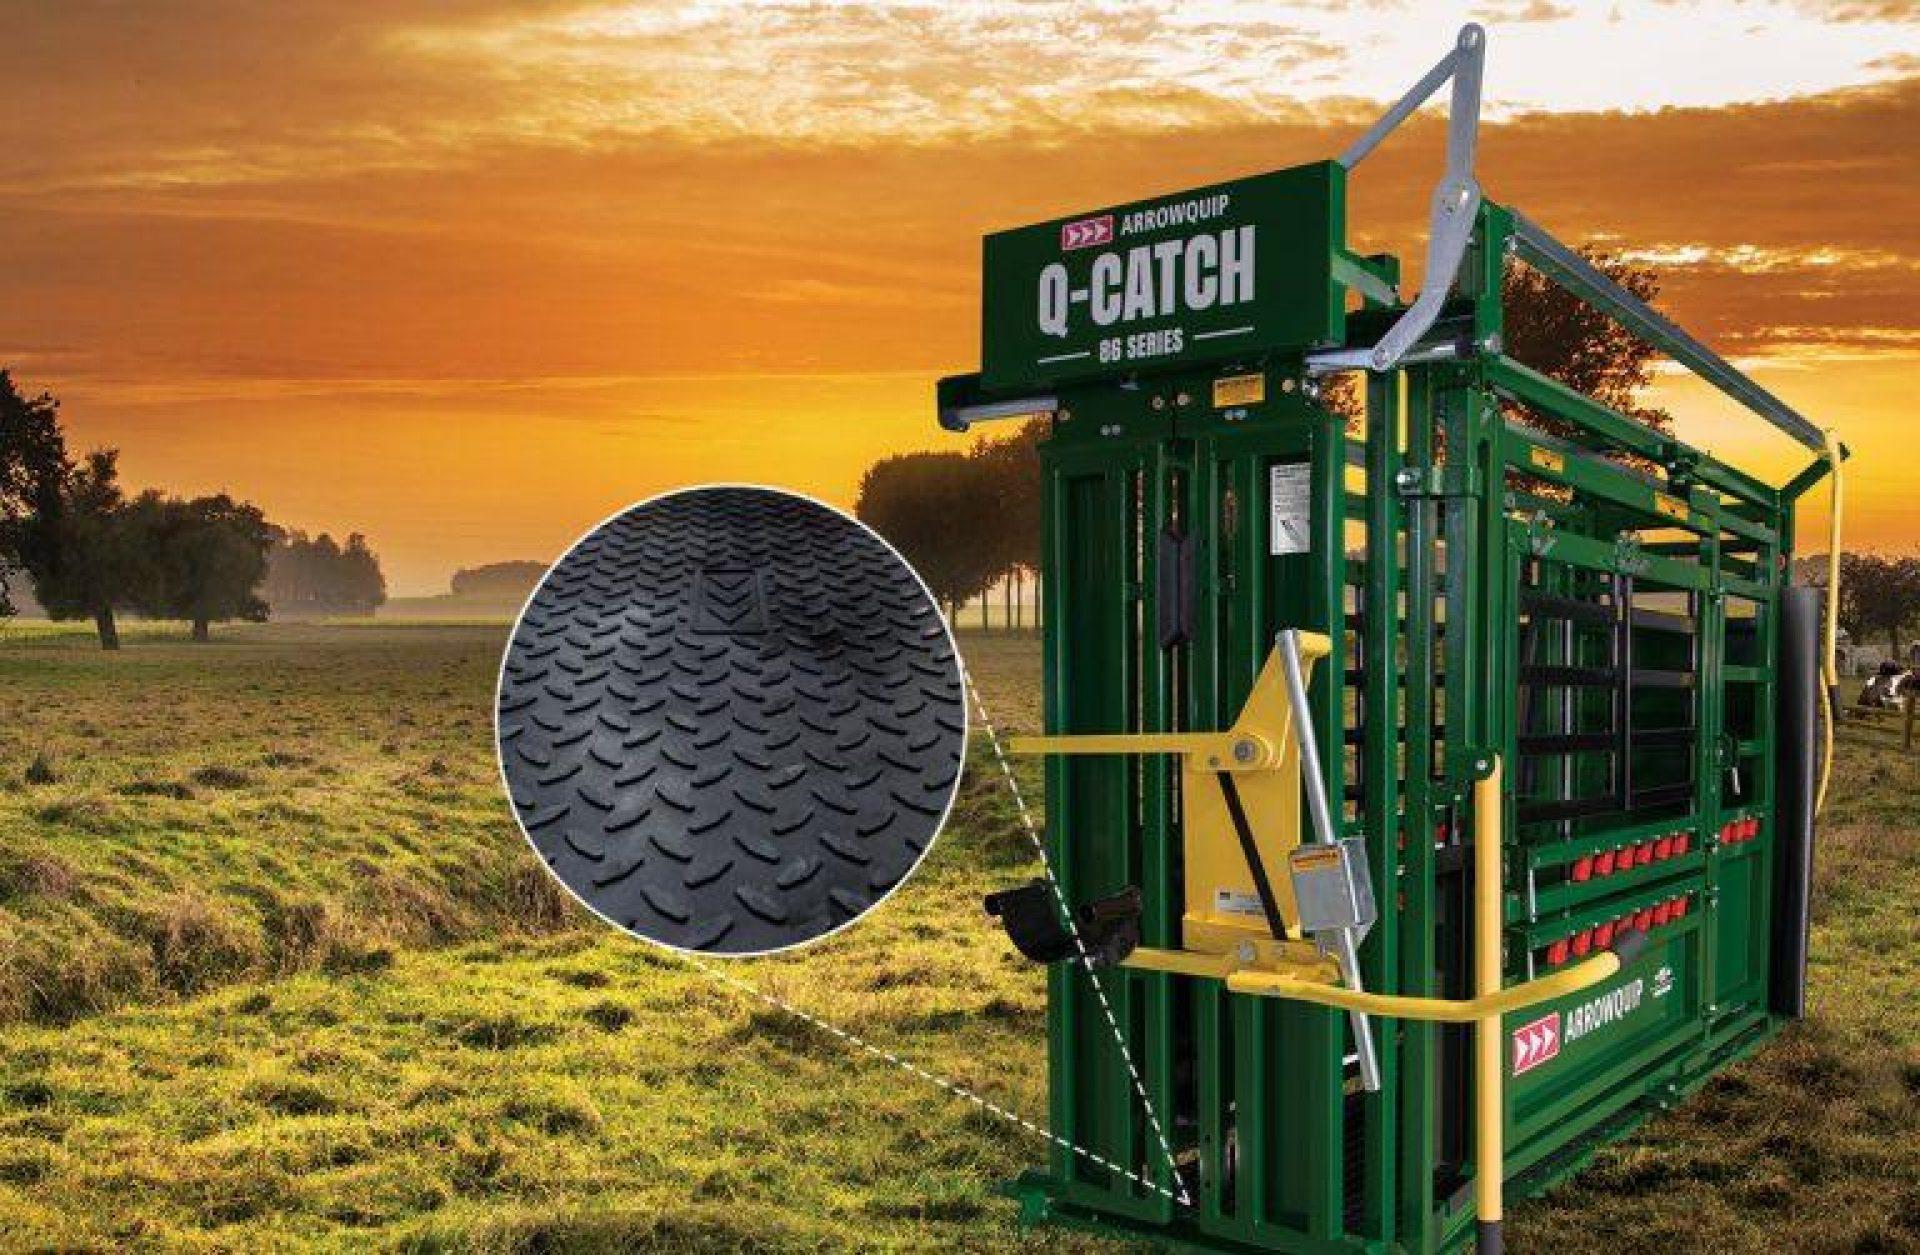 Cattle Cattle Crush | Q-Catch 86 Series Manual Cattle Crush